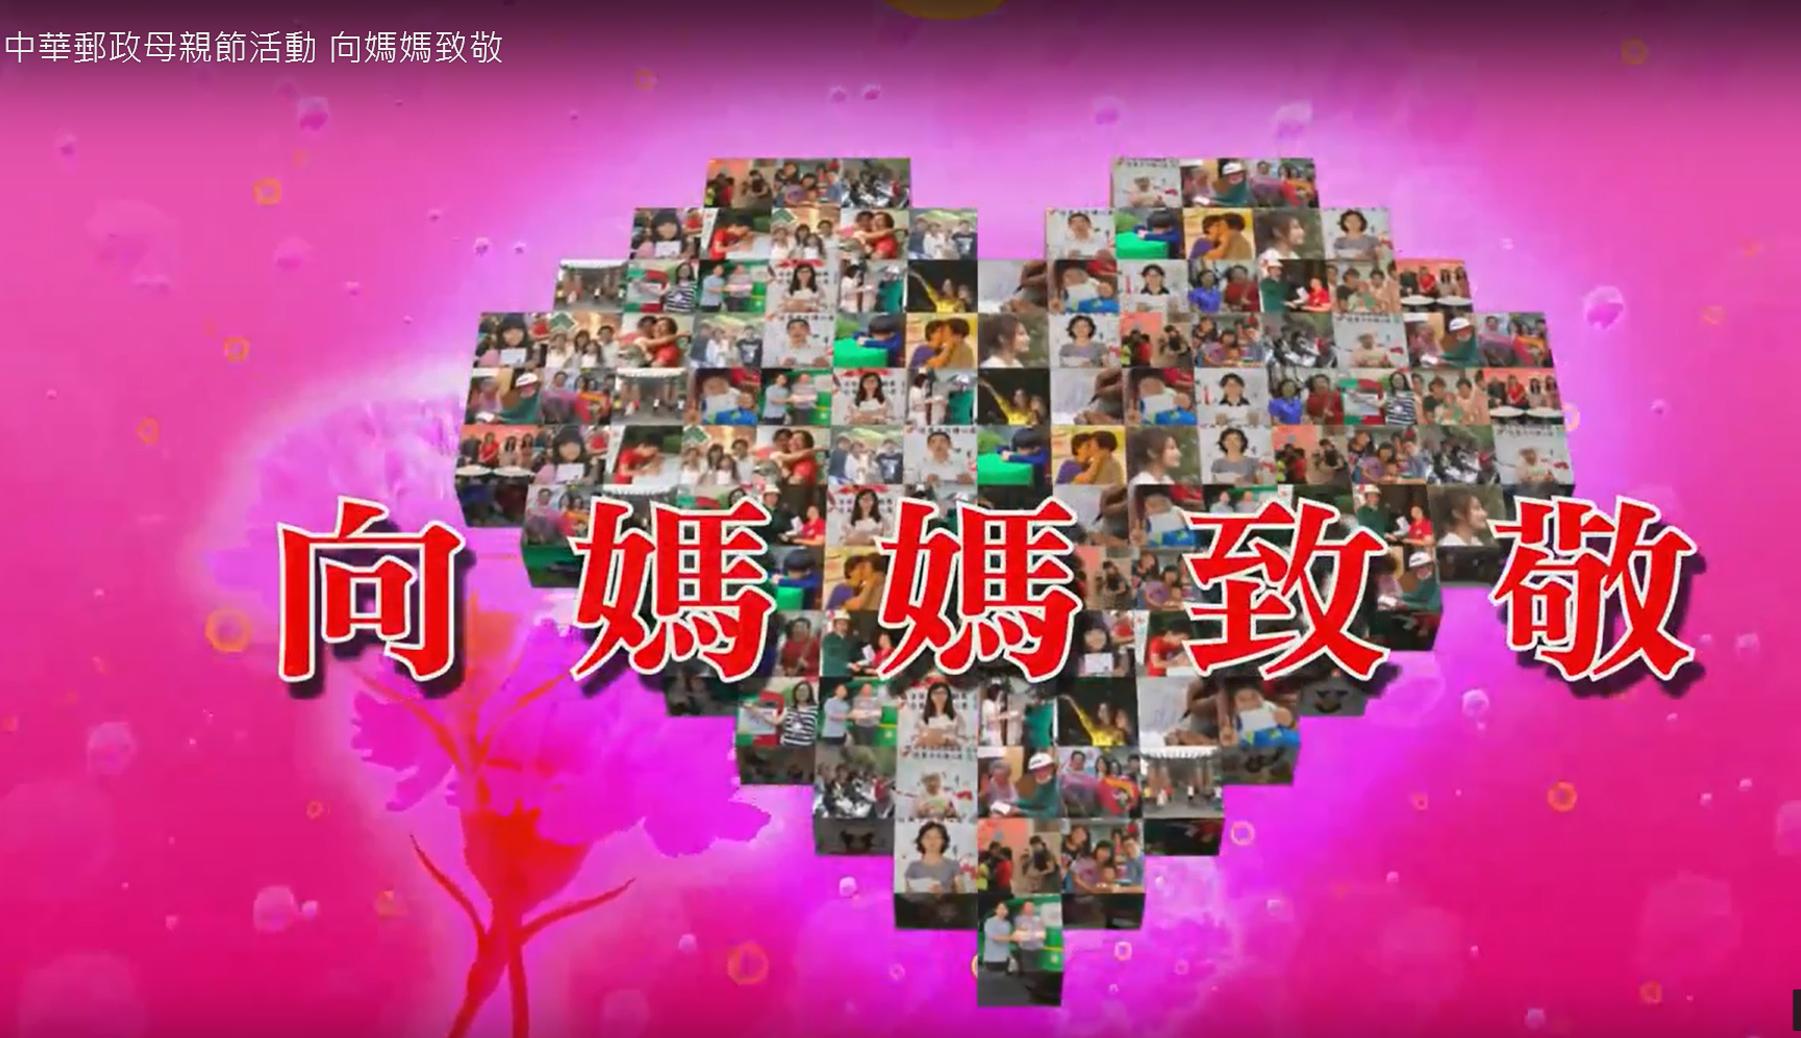 中華郵政母親節活動 向媽媽致敬